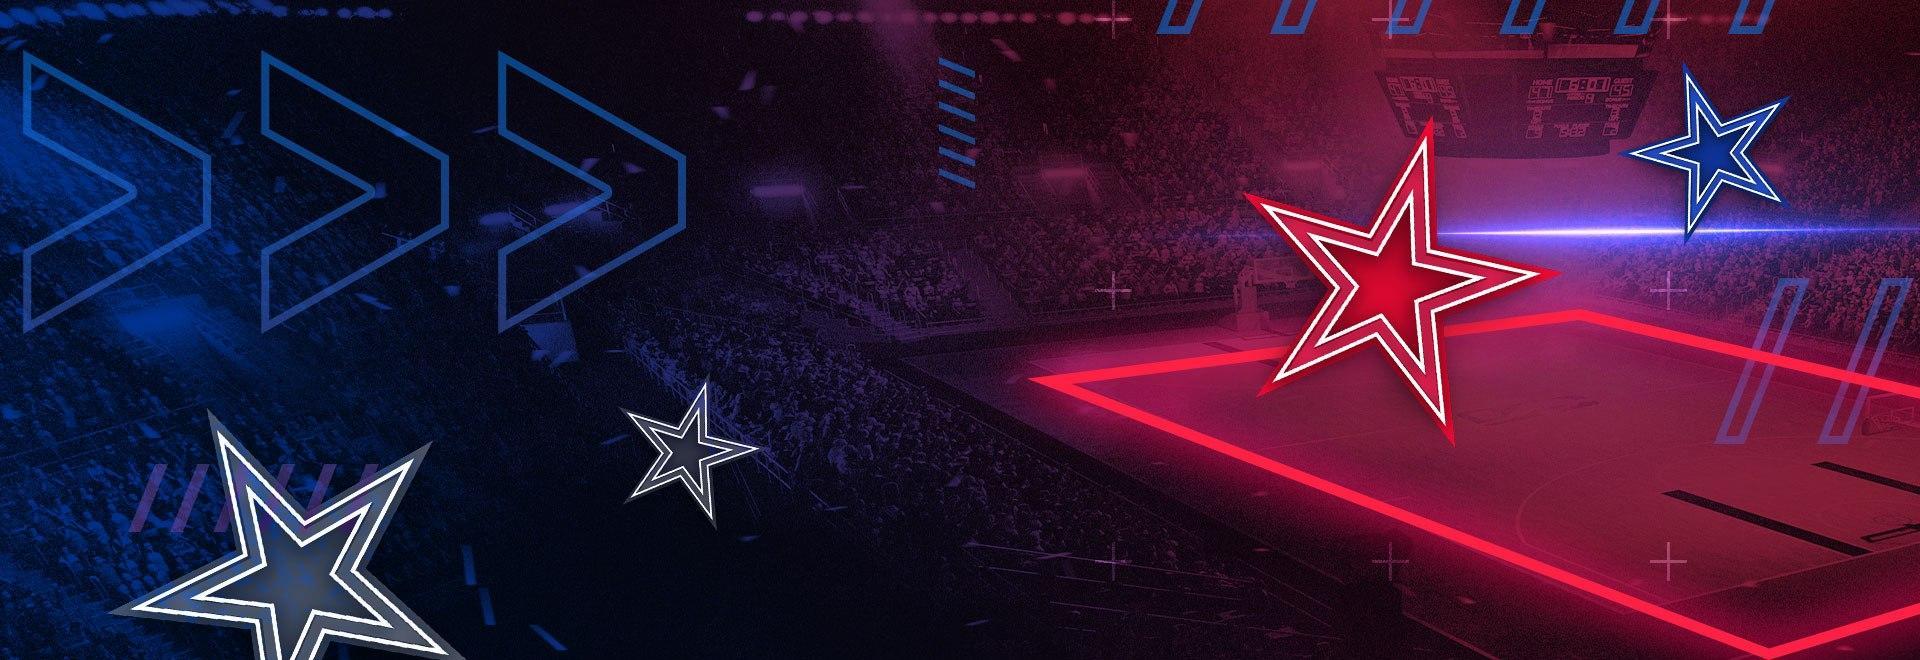 All Star Saturday 2019